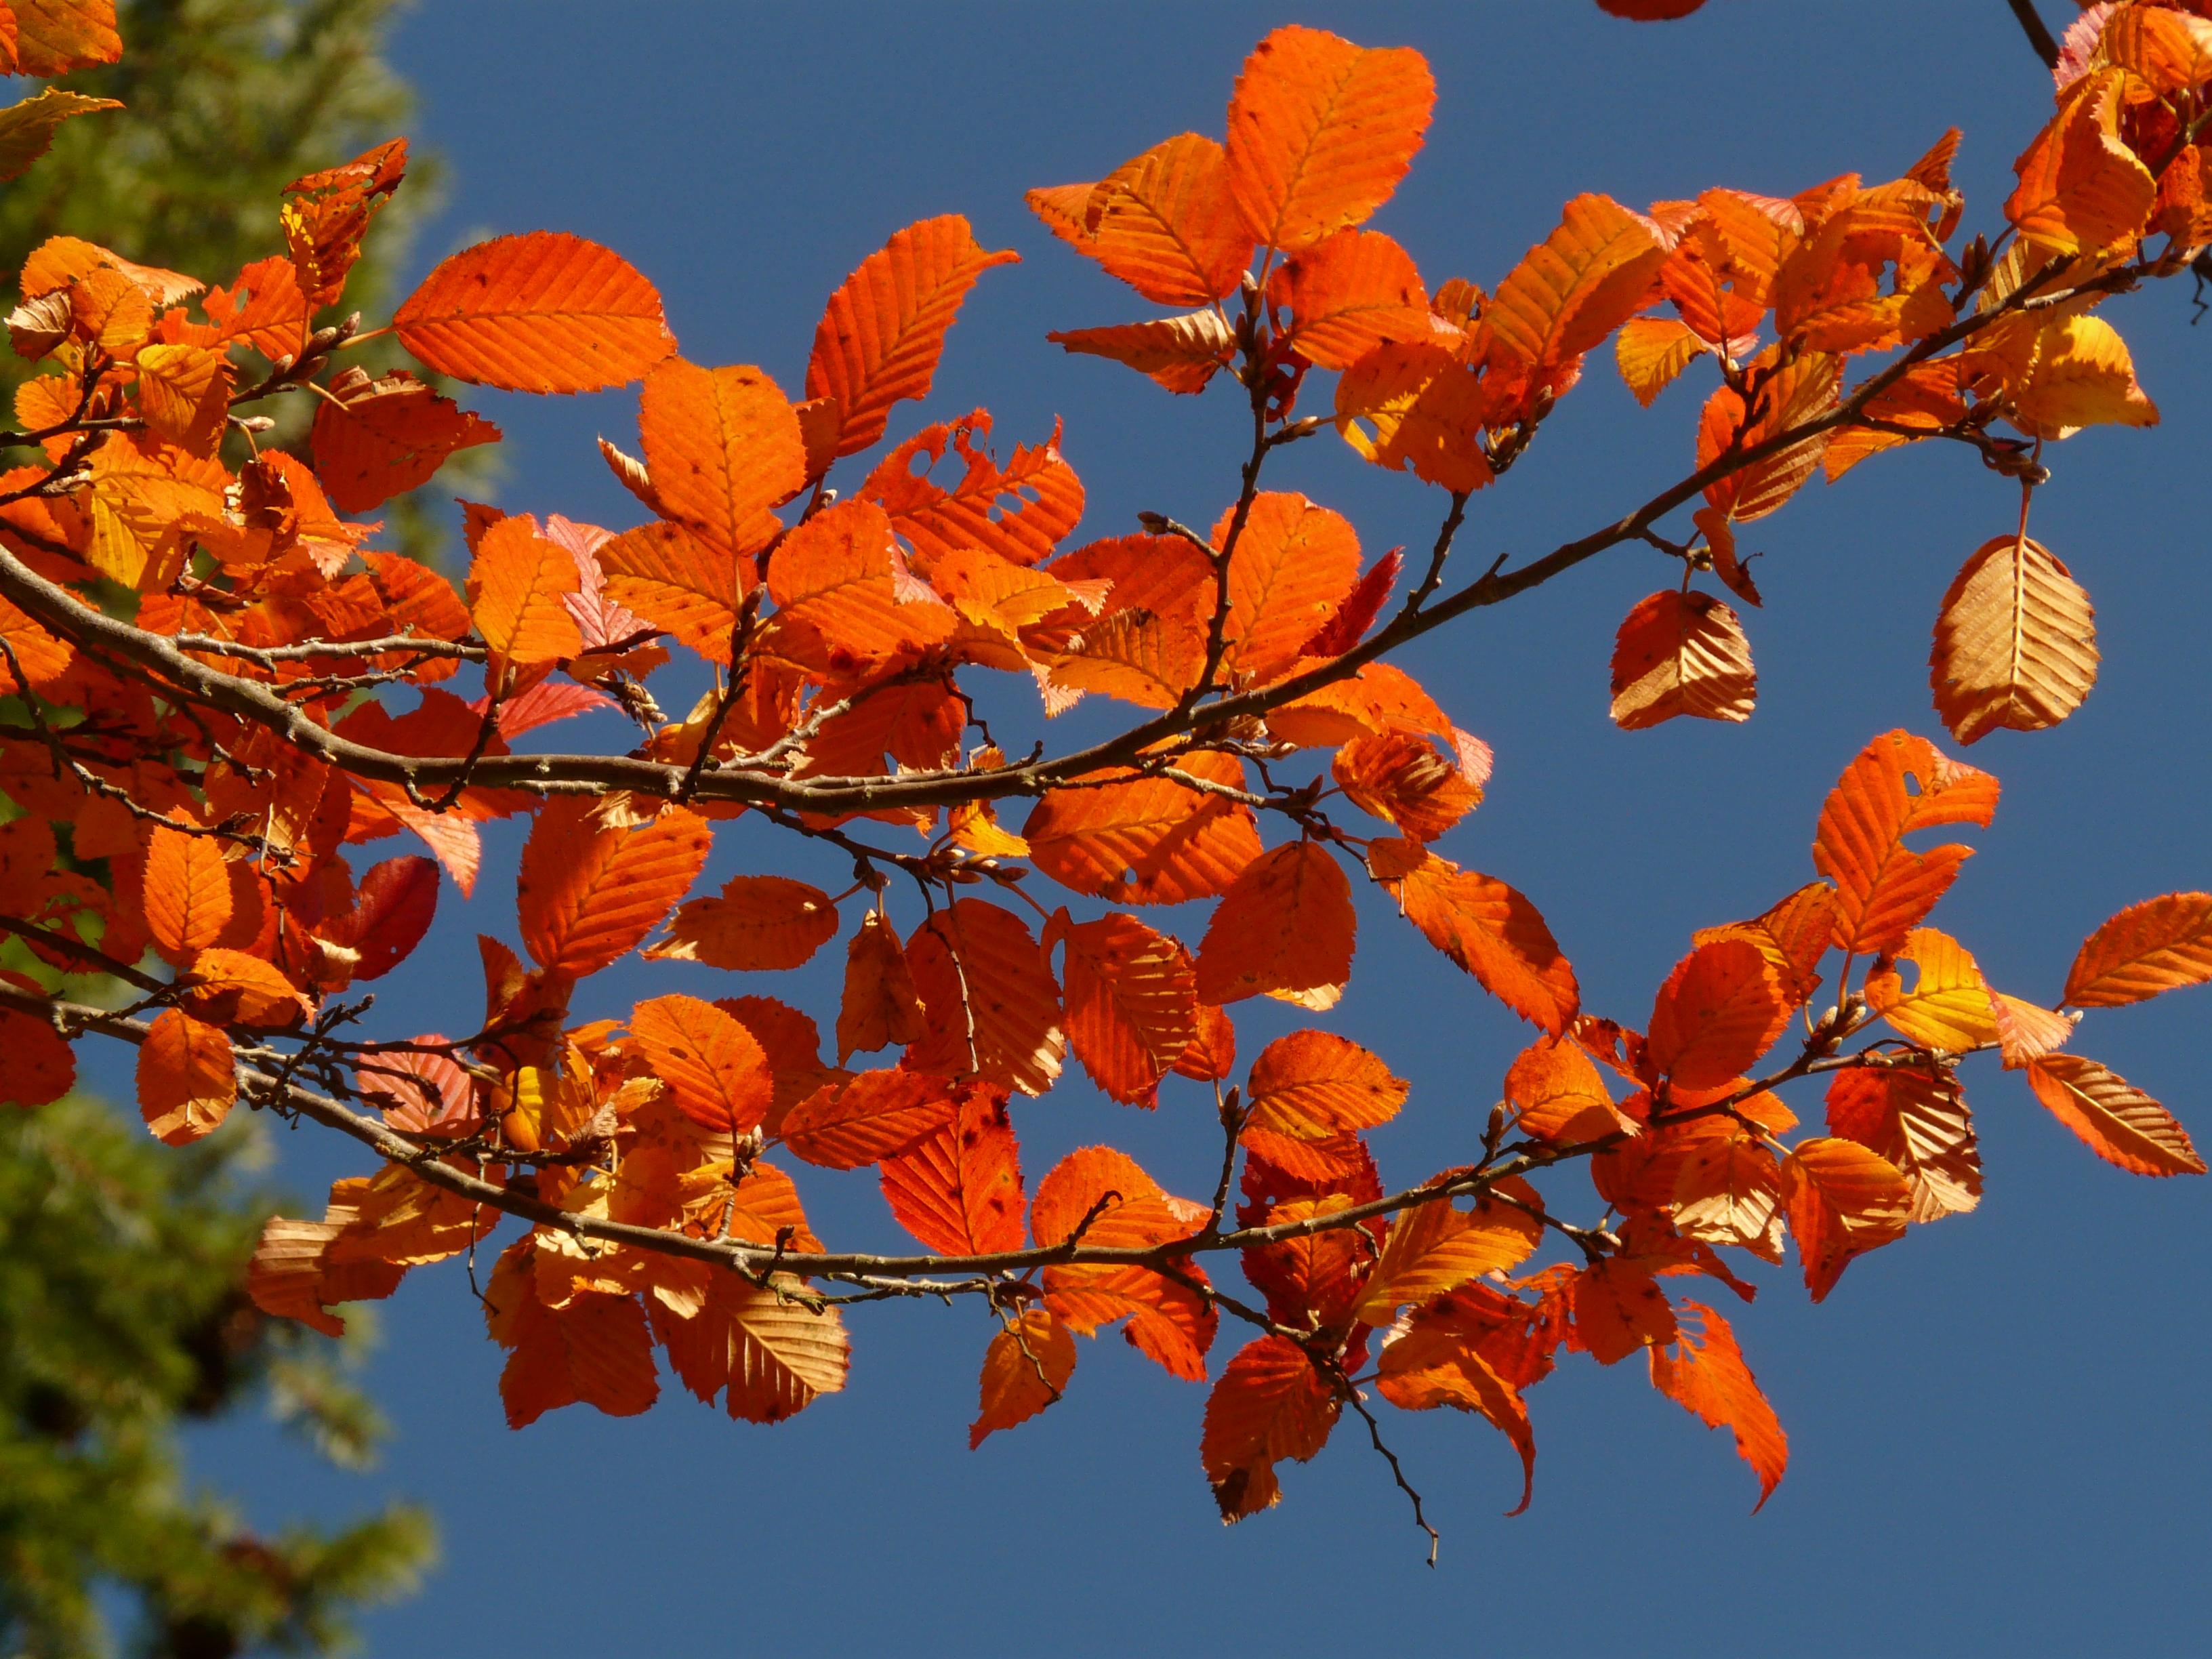 сделать осенние листья и деревья фото минусы